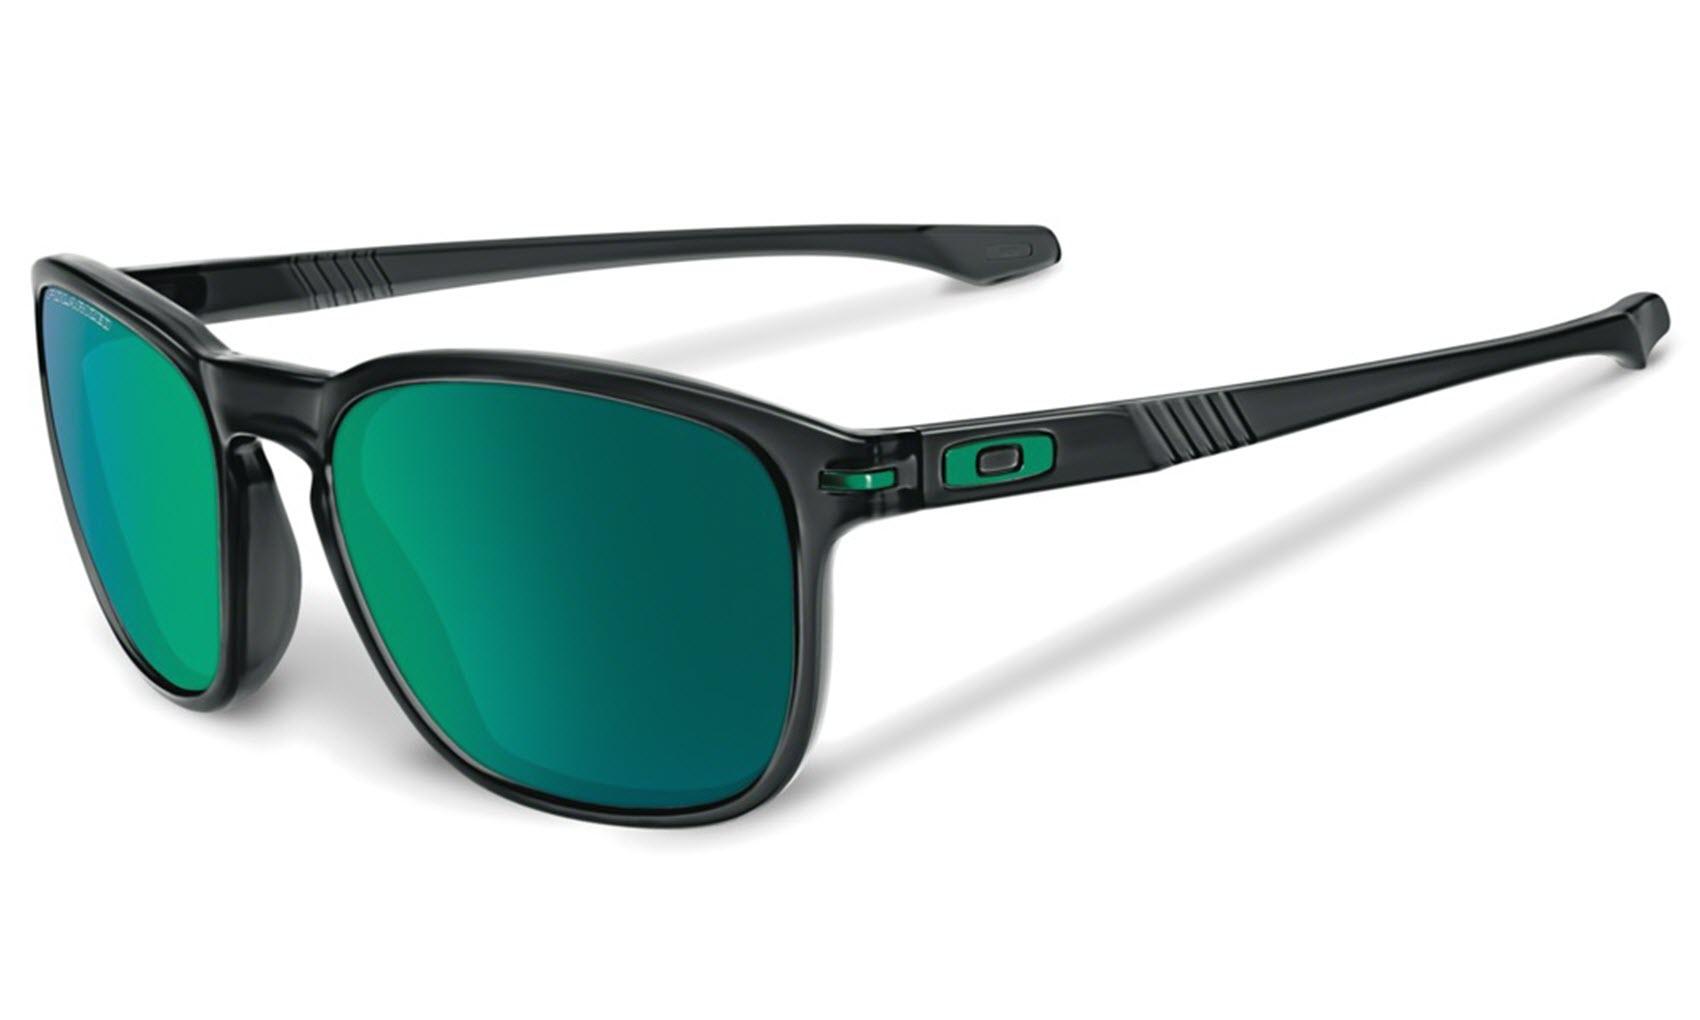 Sentinel Oakley Sunglasses - Enduro - Black Ink, Jade Iridum Polarized  OO9233-15